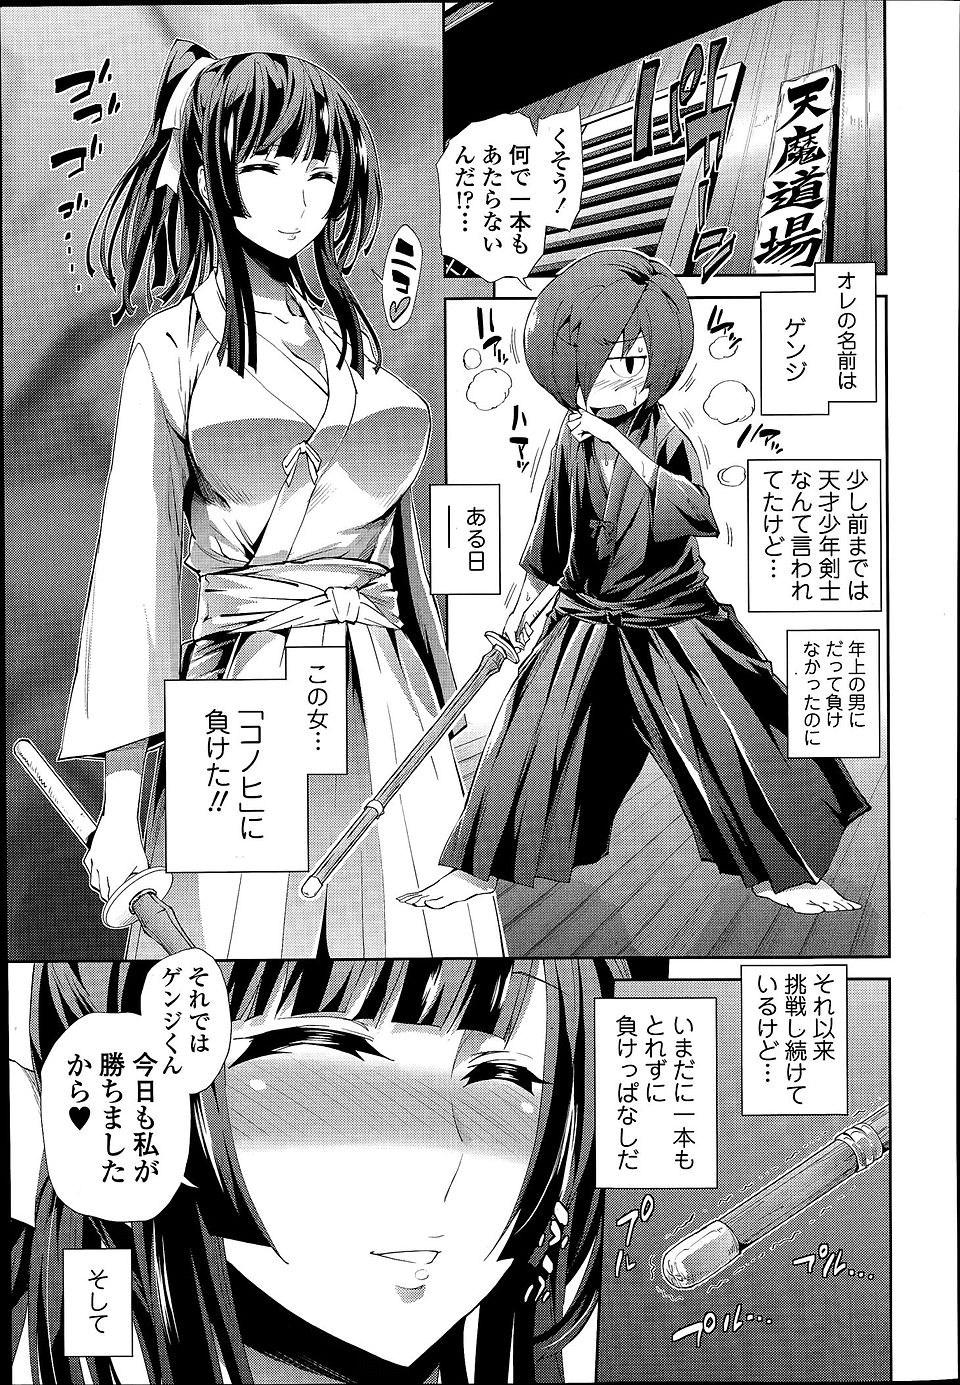 天才少年剣士と呼ばれたショタっ子がエロカワ巨乳お姉さんに負けるたびにめちゃくちゃエロいことされて種付けSEXまで…www